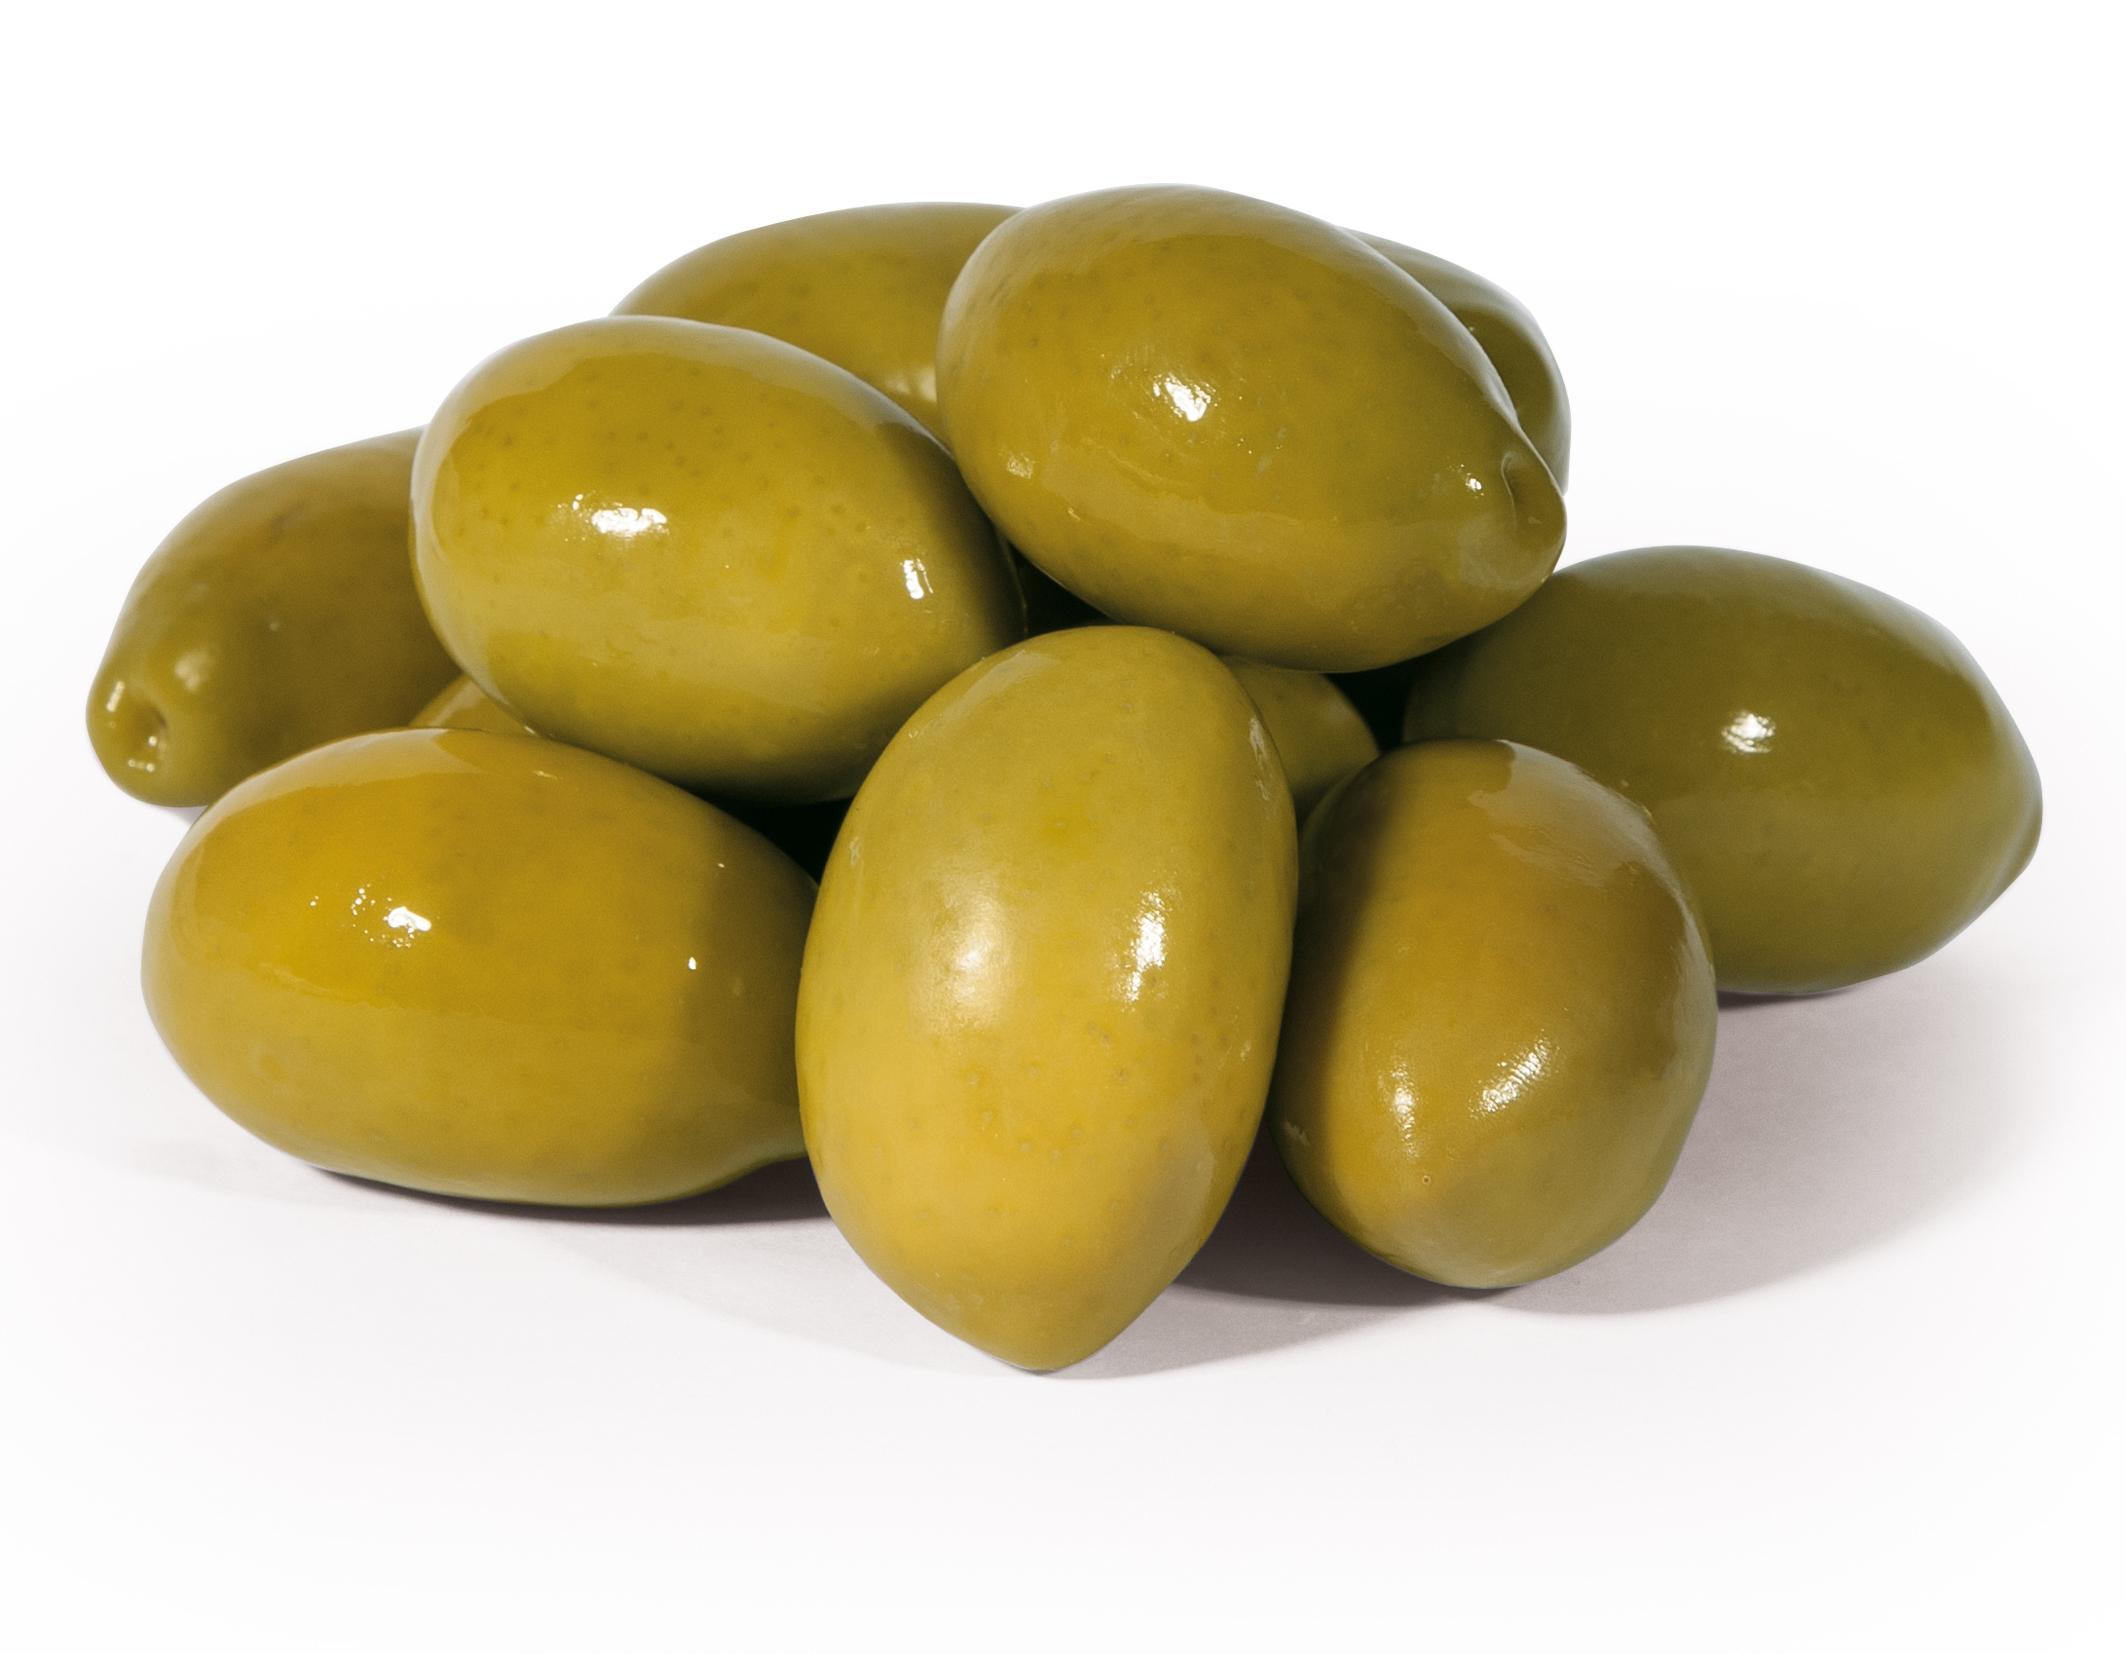 Olive verdi Bella di Cerignola - PecoRaro